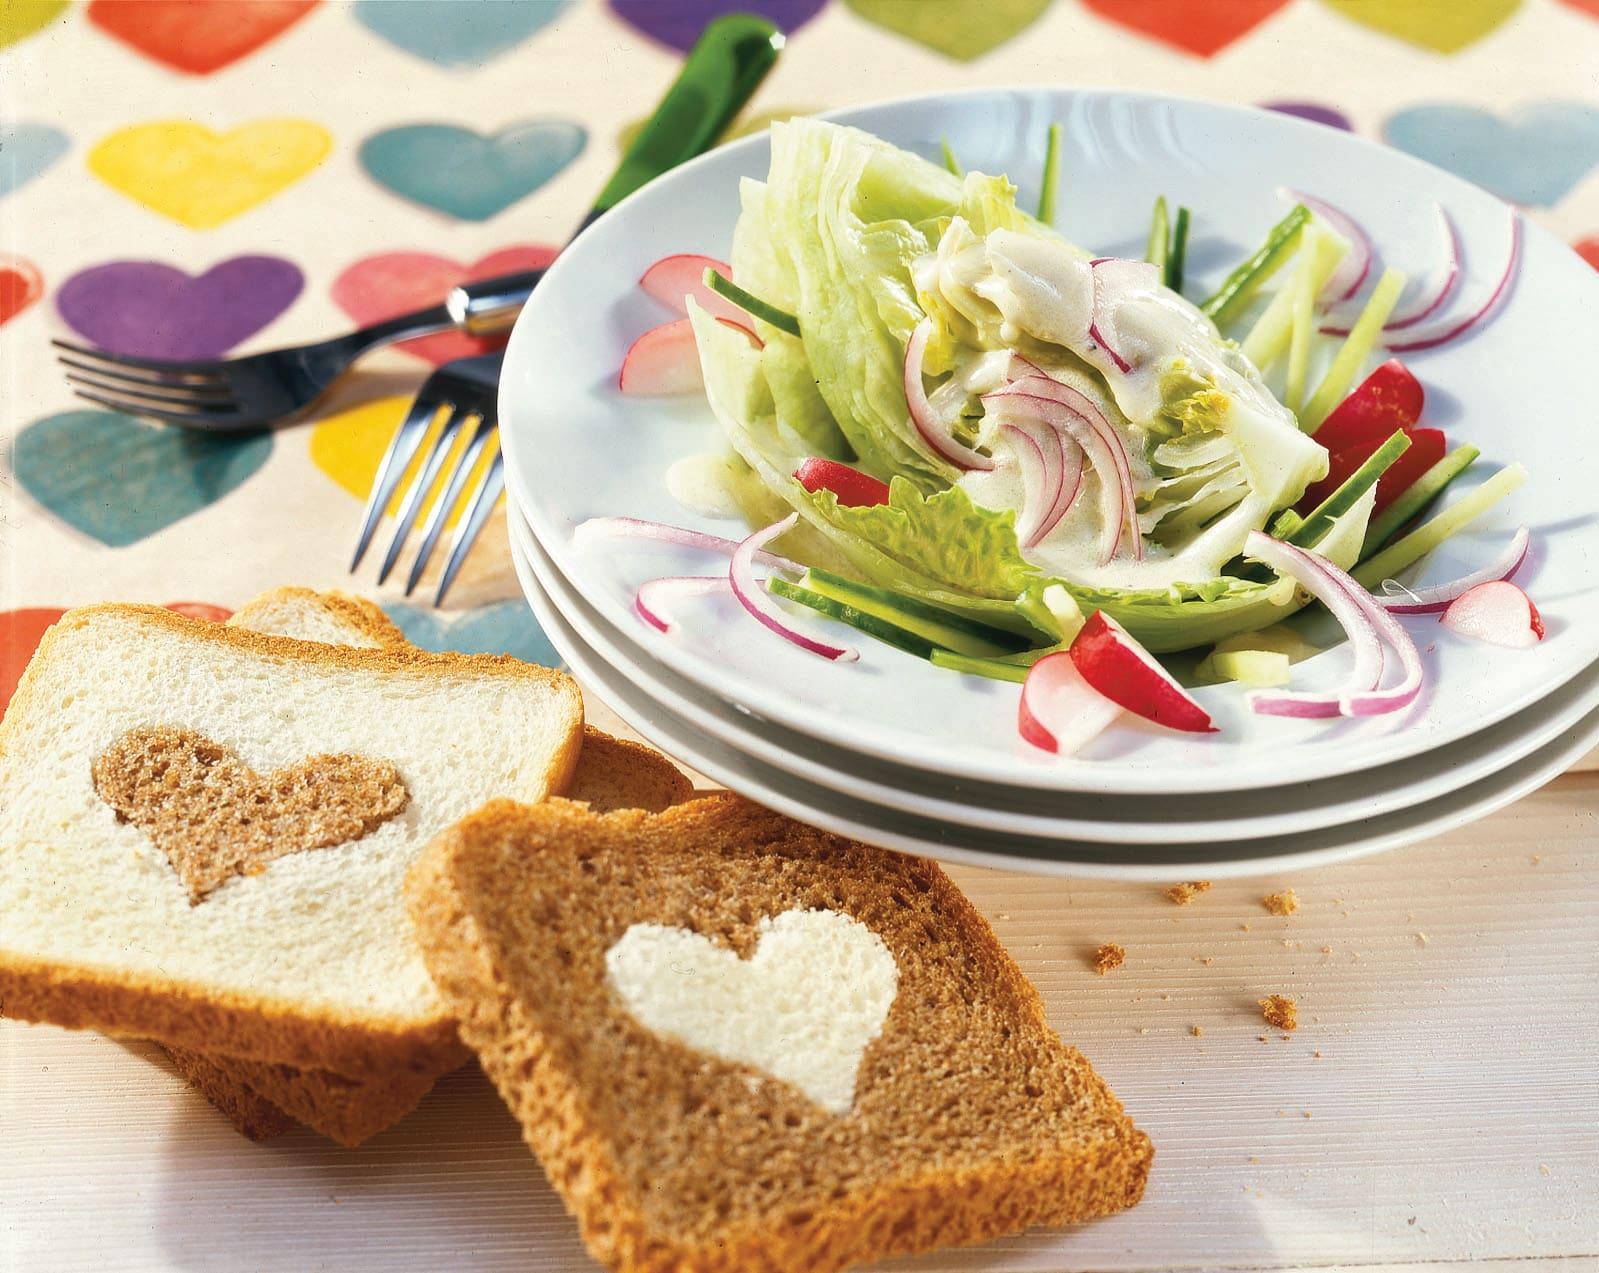 Bunter Eisbergsalat mit Herz-Brot